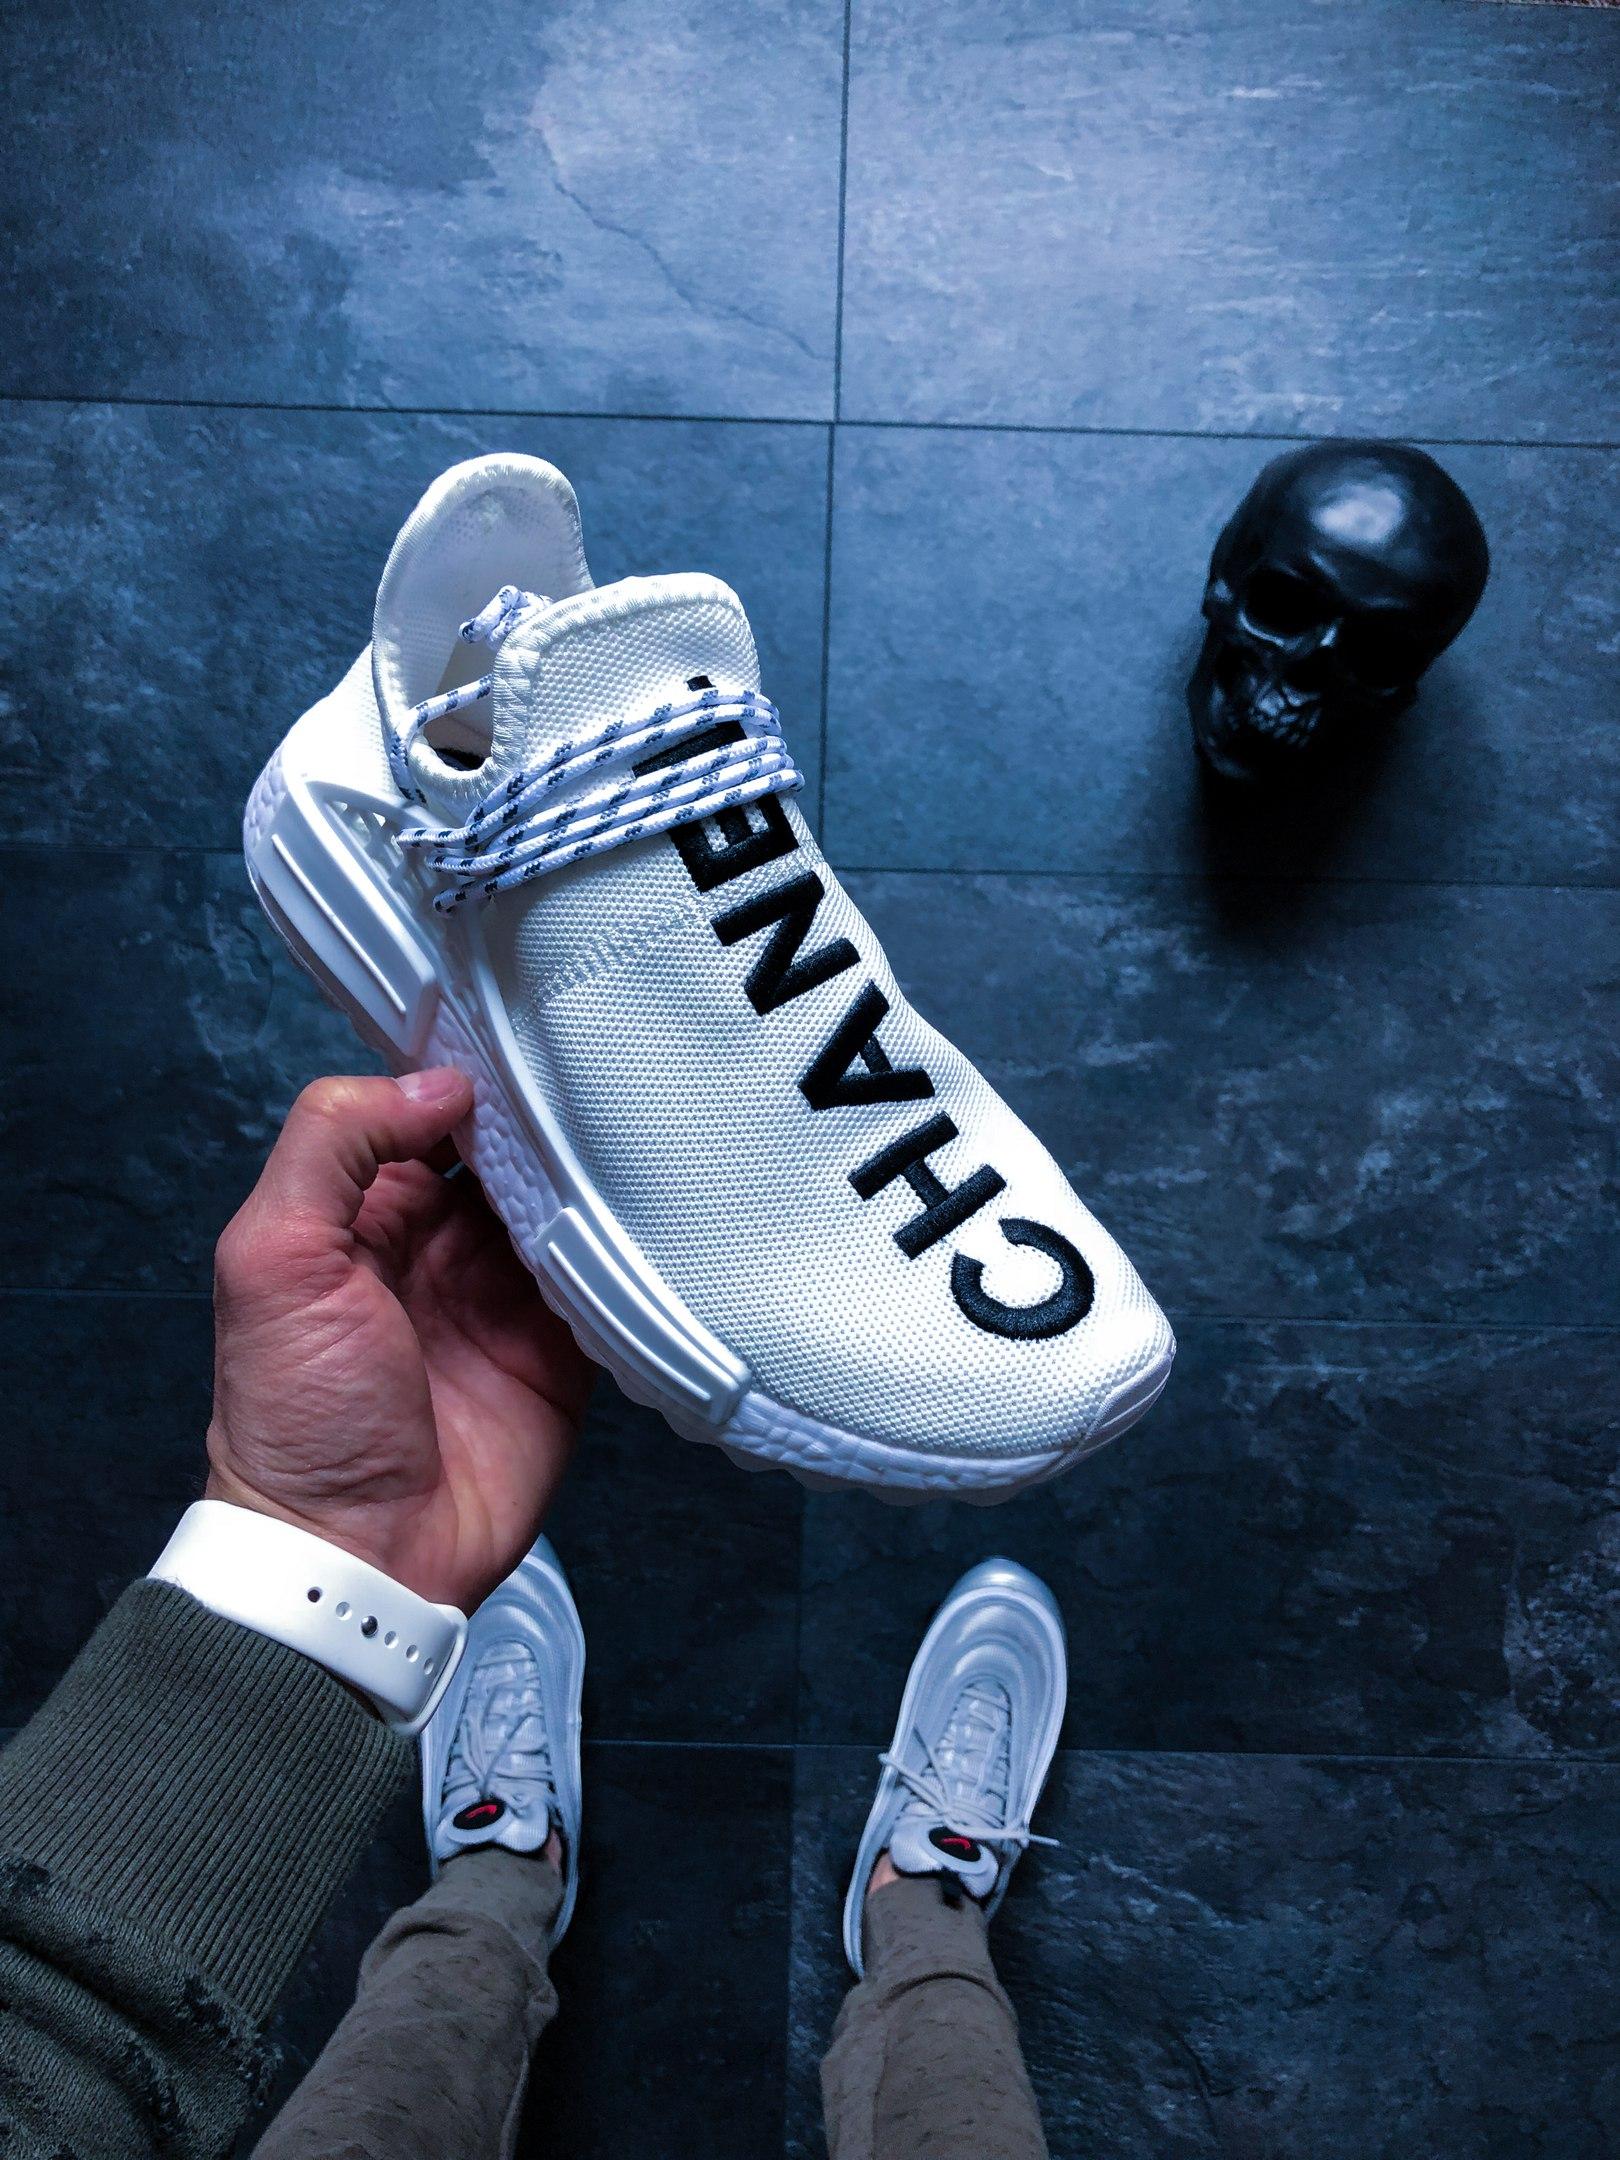 tania wyprzedaż usa najnowsza zniżka gorąca sprzedaż online Adidas PW Human Race NMD